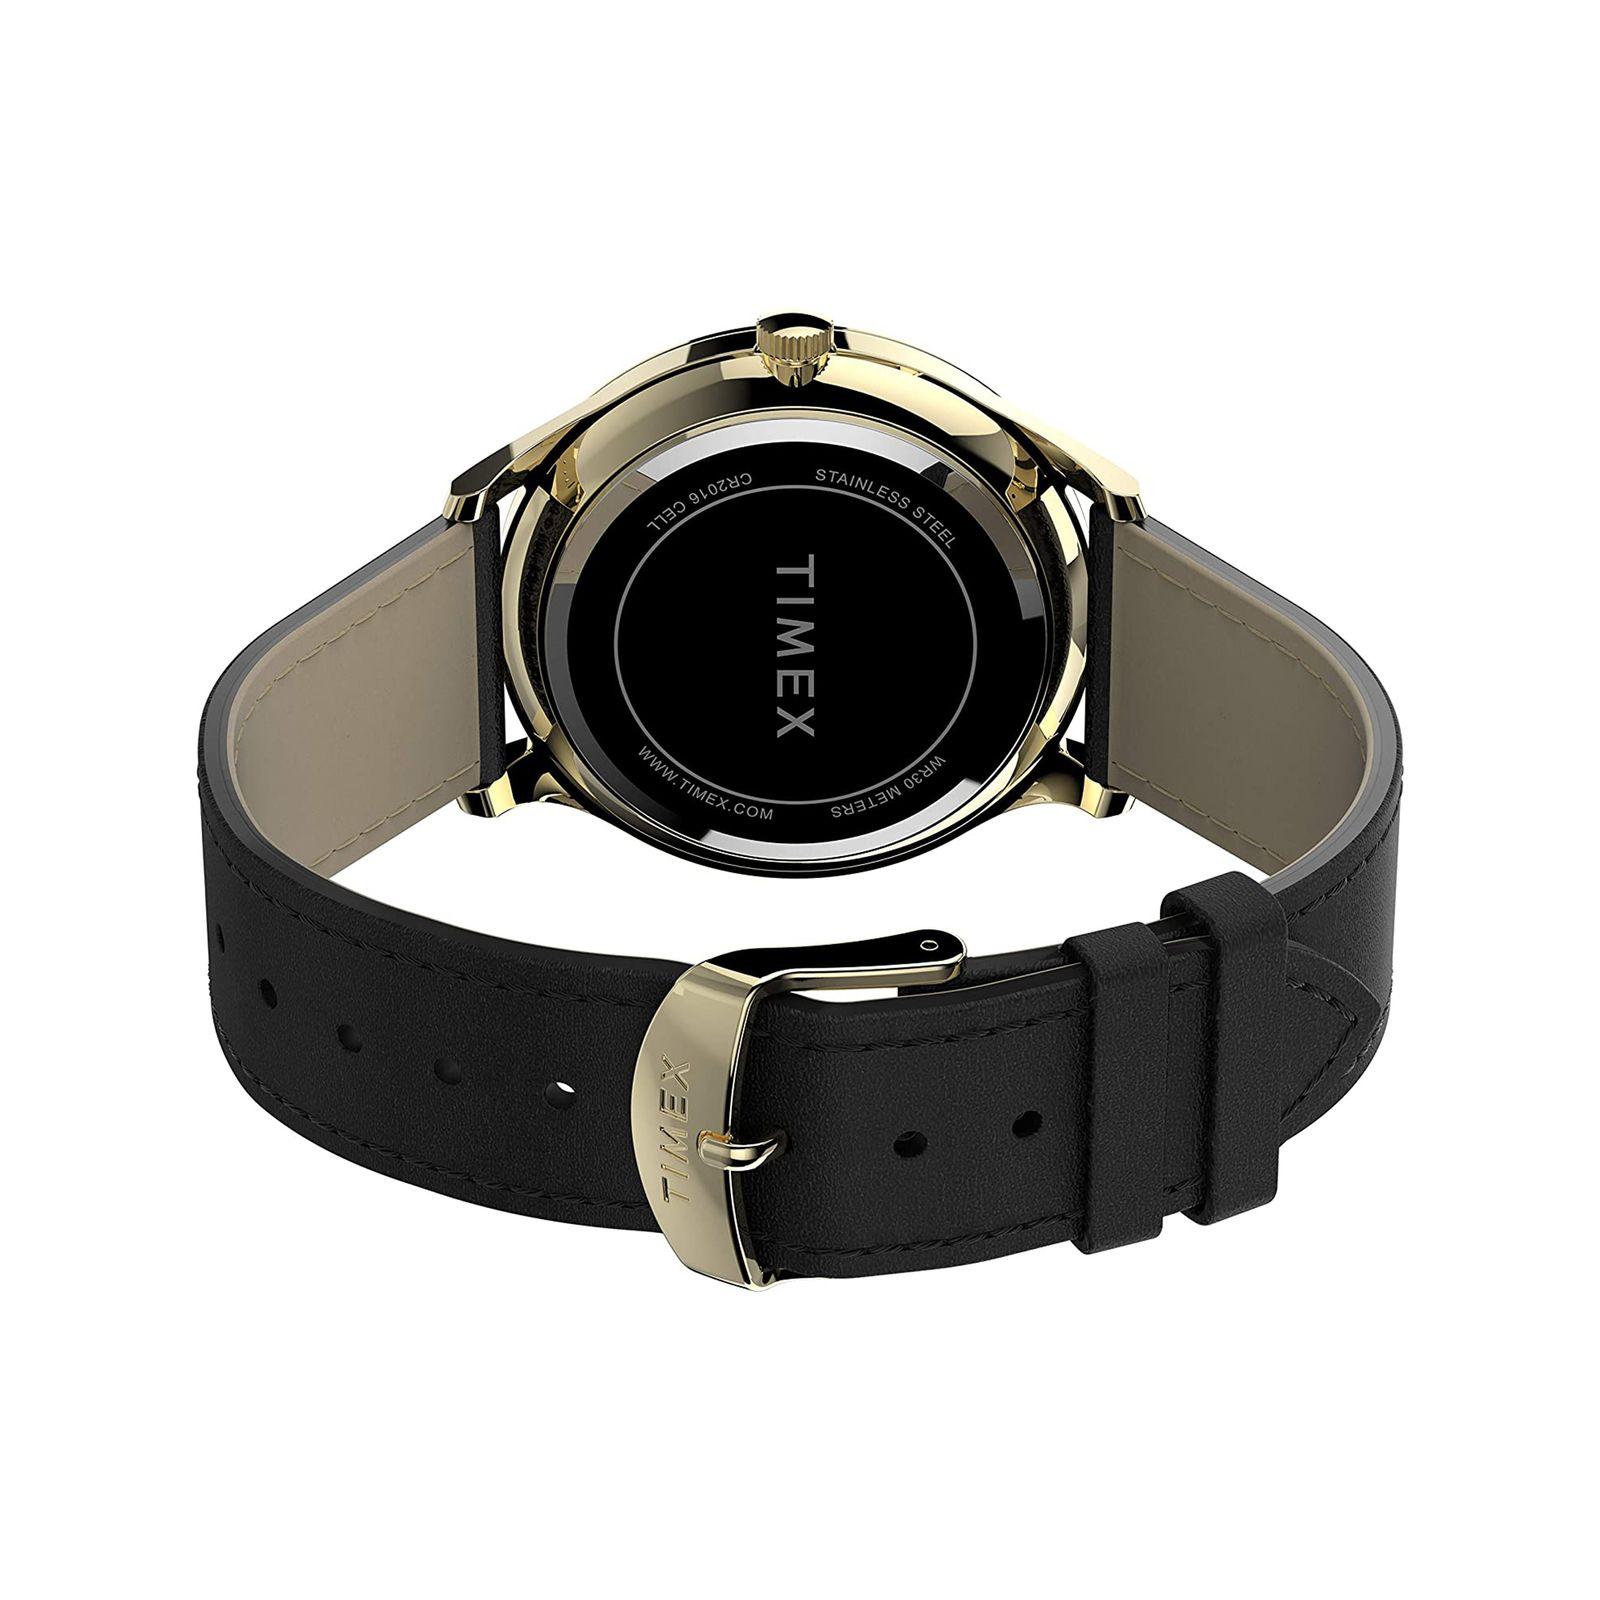 ساعت مچی عقربه ای مردانه تایمکس مدل TW2T71600 -  - 4